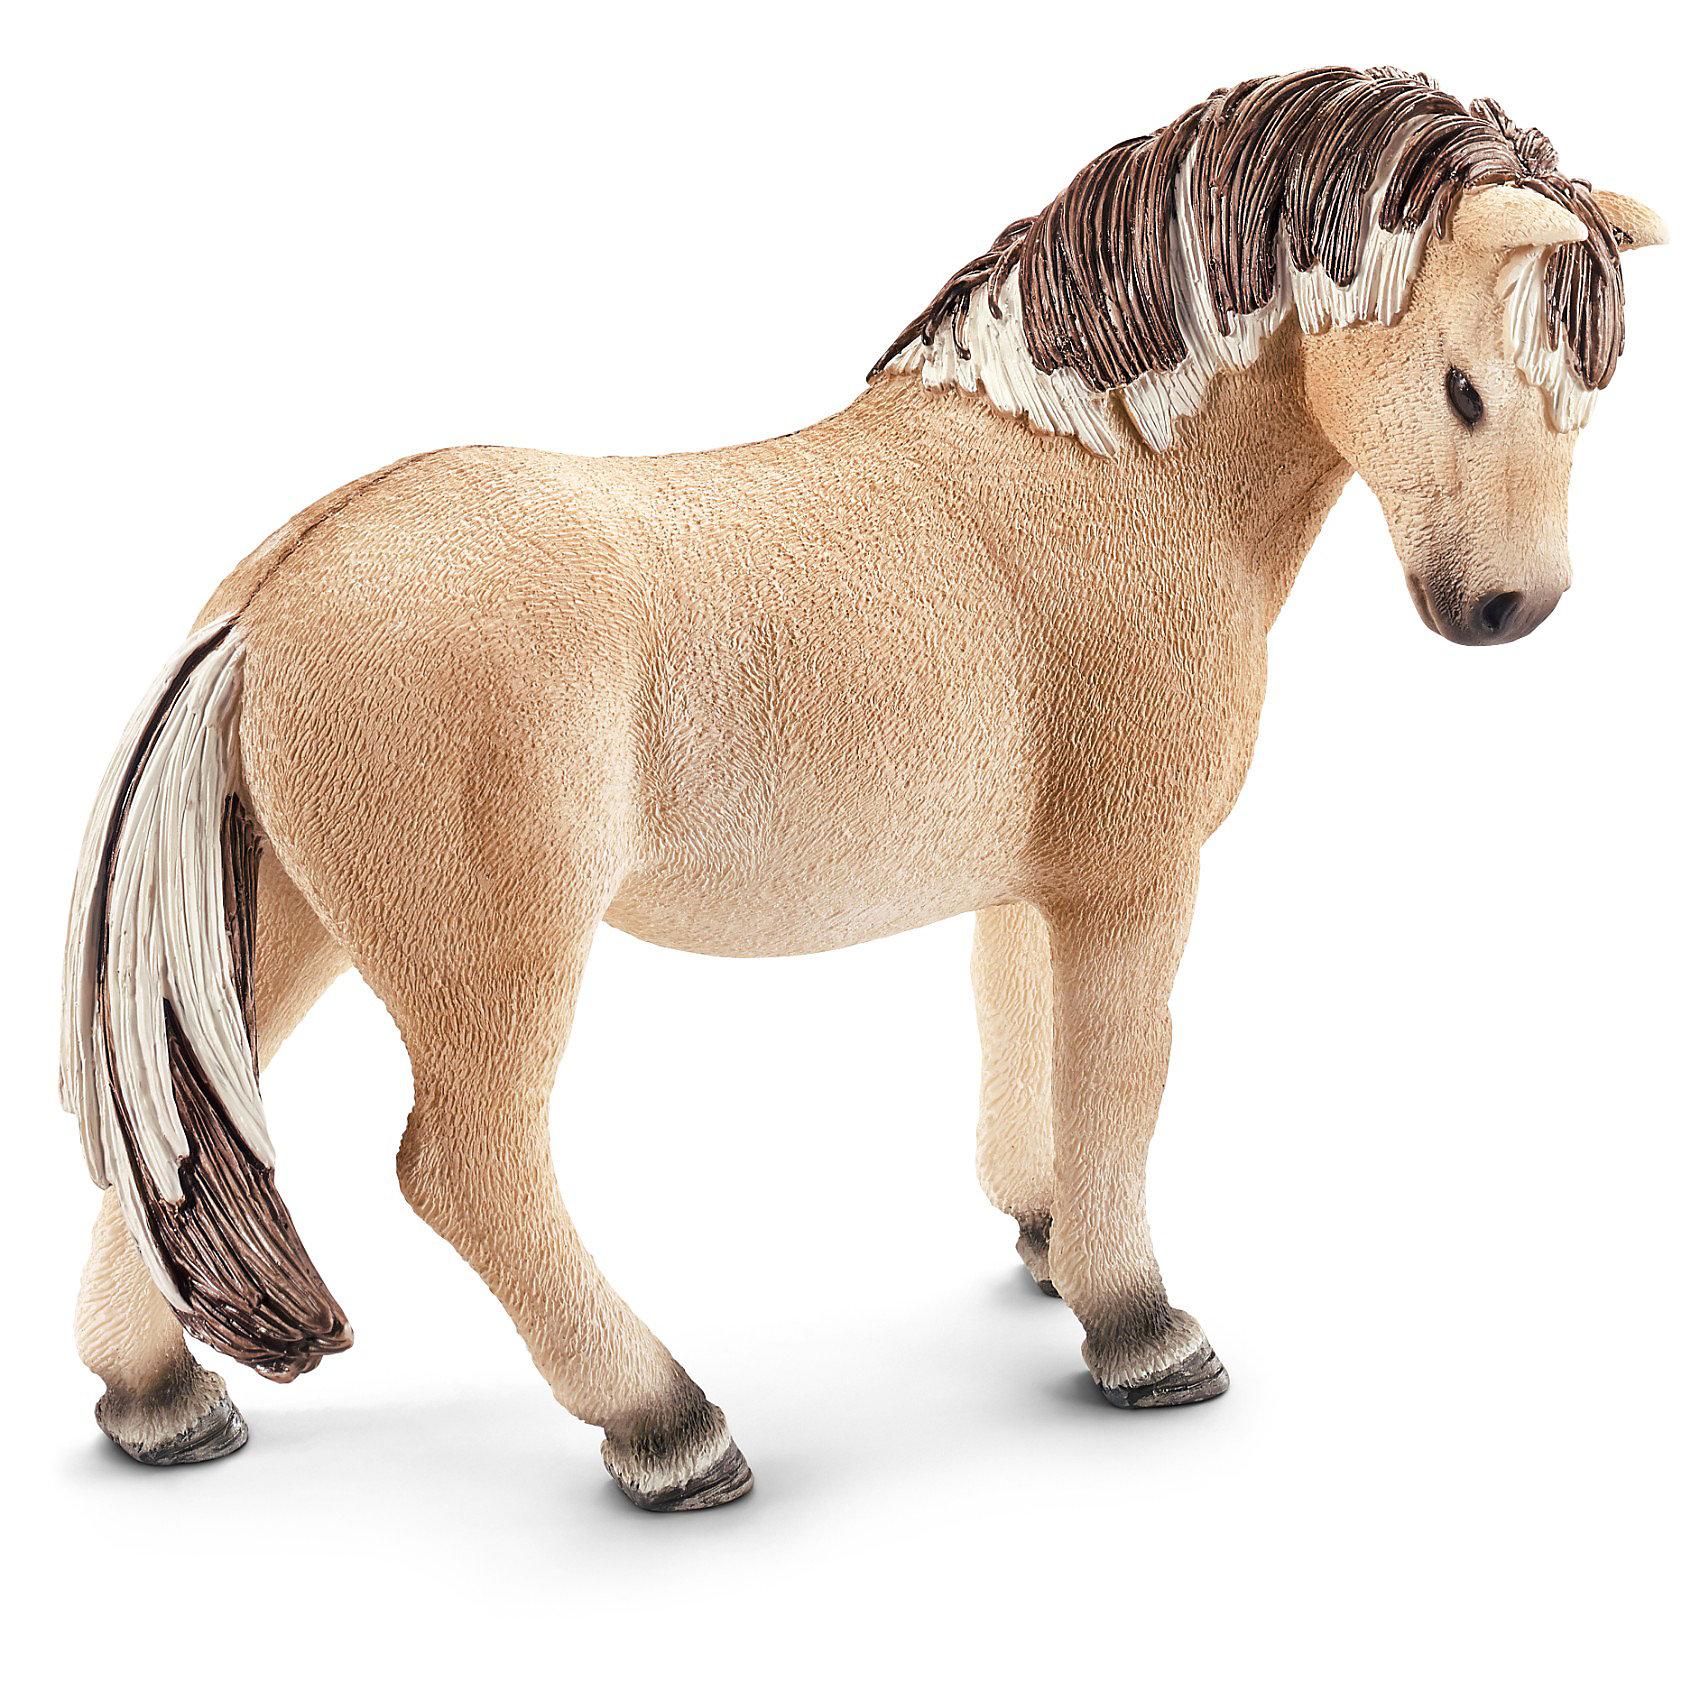 Фиордская лошадь: кобыла, SchleichМир животных<br>Фиордская лошадь: кобыла, Schleich (Шляйх) - коллекционная и игровая фигурка от немецкого производителя Schleich (Шляйх).<br>Великолепная фигурка Фиордской лошади разнообразит игру вашего ребенка и станет достойным пополнением его коллекции фигурок от Schleich (Шляйх). Фиордская порода лошадей отличаются небольшим размером, при этом это очень сильные и мощные лошади с широкой шеей и невысокими ногами. Фиордская порода лошадей очень похожа на дикий лошадей Восточной Европы и Азии. Их превосходную гриву подрезают таким образом, чтобы она стояла вертикально и проходила вдоль всей спины до самого хвоста. Сейчас эти лошади используются для соревнований. Все фигурки Schleich (Шляйх) сделаны из гипоаллергенных высокотехнологичных материалов, раскрашены вручную и не вызывают аллергии у ребенка. Прекрасно выполненные фигурки Schleich (Шляйх) отличаются высочайшим качеством игрушек ручной работы. Все они создаются при постоянном сотрудничестве с Берлинским зоопарком, а потому, являются максимально точной копией настоящих животных. Каждая фигурка разработана с учетом исследований в области педагогики и производится как настоящее произведение для маленьких детских ручек.<br><br>Дополнительная информация:<br><br>-Размер фигурки: 5,1 x 11,4 x 8,9 см.<br>-Вес фигурки: 100 грамм<br>-Материал: каучуковый пластик<br><br>Фиордская лошадь: кобыла, Schleich (Шляйх) - ваш ребенок будет наслаждаться игрой с новой восхитительной игрушкой.<br><br>Фигурку Фиордской лошади: кобылы, Schleich (Шляйх) можно купить в нашем интернет-магазине.<br><br>Ширина мм: 138<br>Глубина мм: 101<br>Высота мм: 43<br>Вес г: 124<br>Возраст от месяцев: 36<br>Возраст до месяцев: 96<br>Пол: Женский<br>Возраст: Детский<br>SKU: 3443124